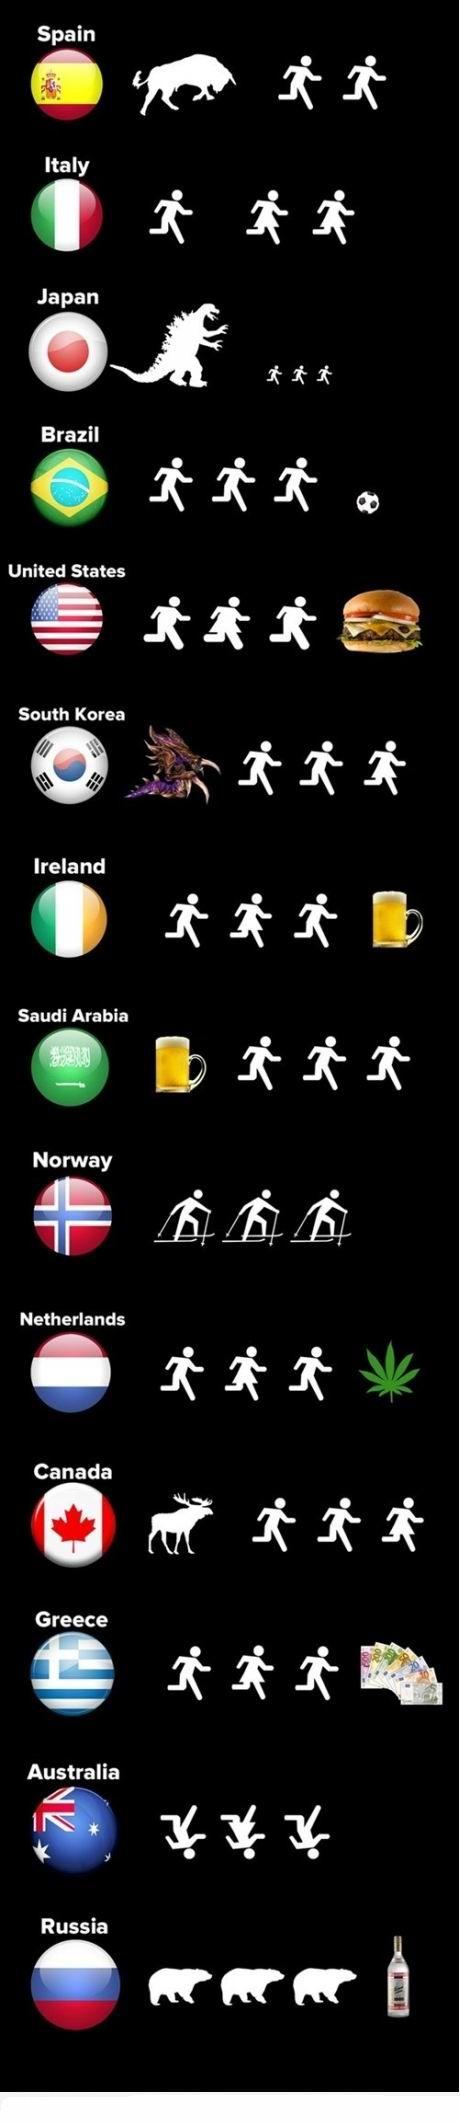 Por qué corre la gente en diferentes países